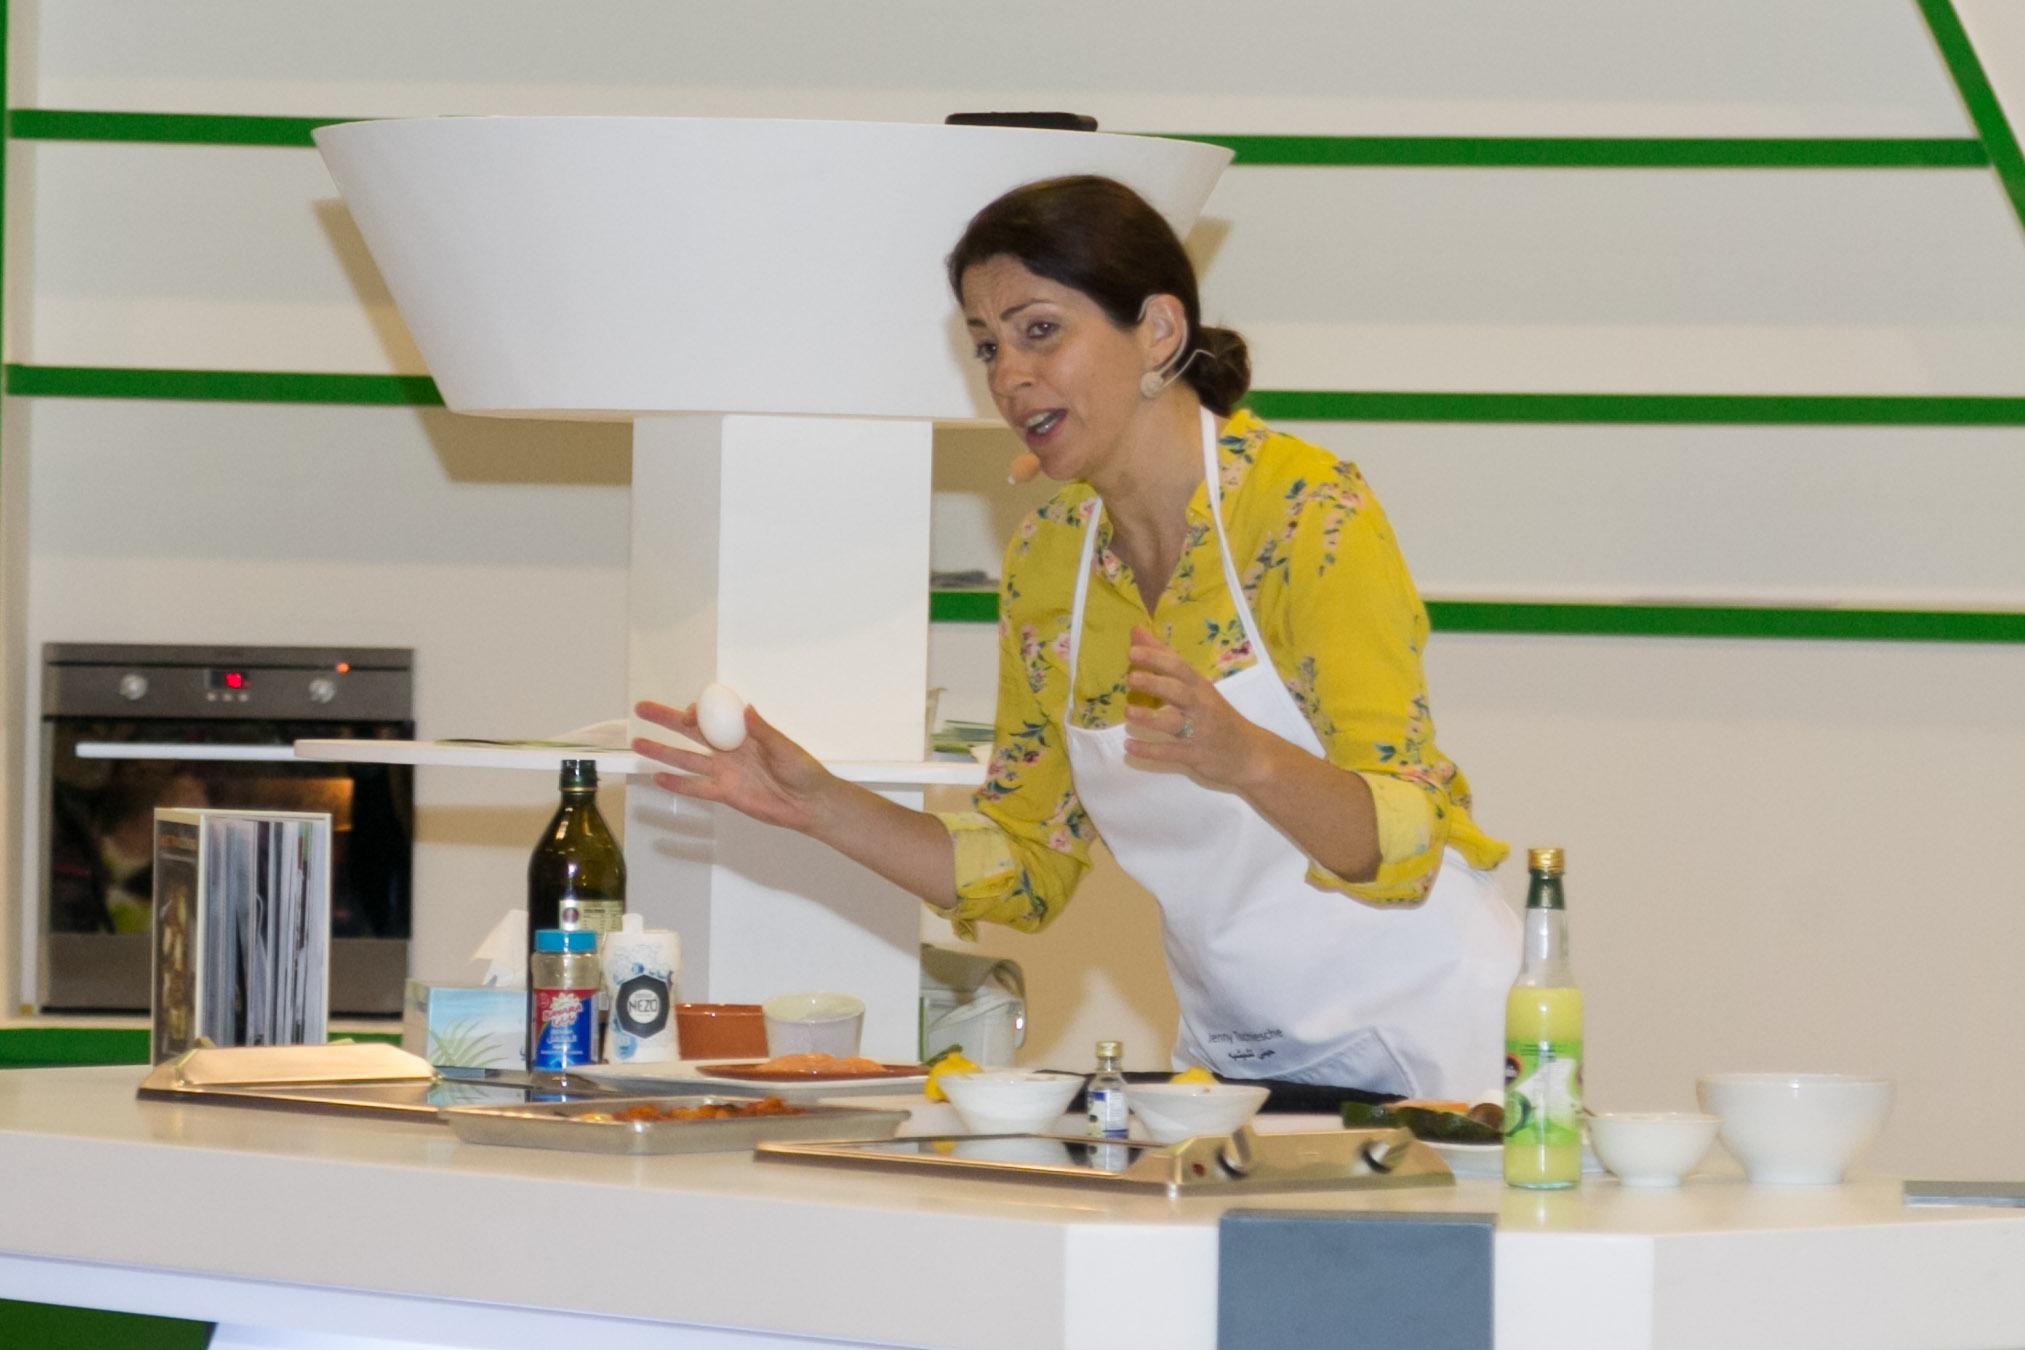 أخصائية التغذية جيني تشيشيه تقدم مجموعة من وصفاتها الصحية